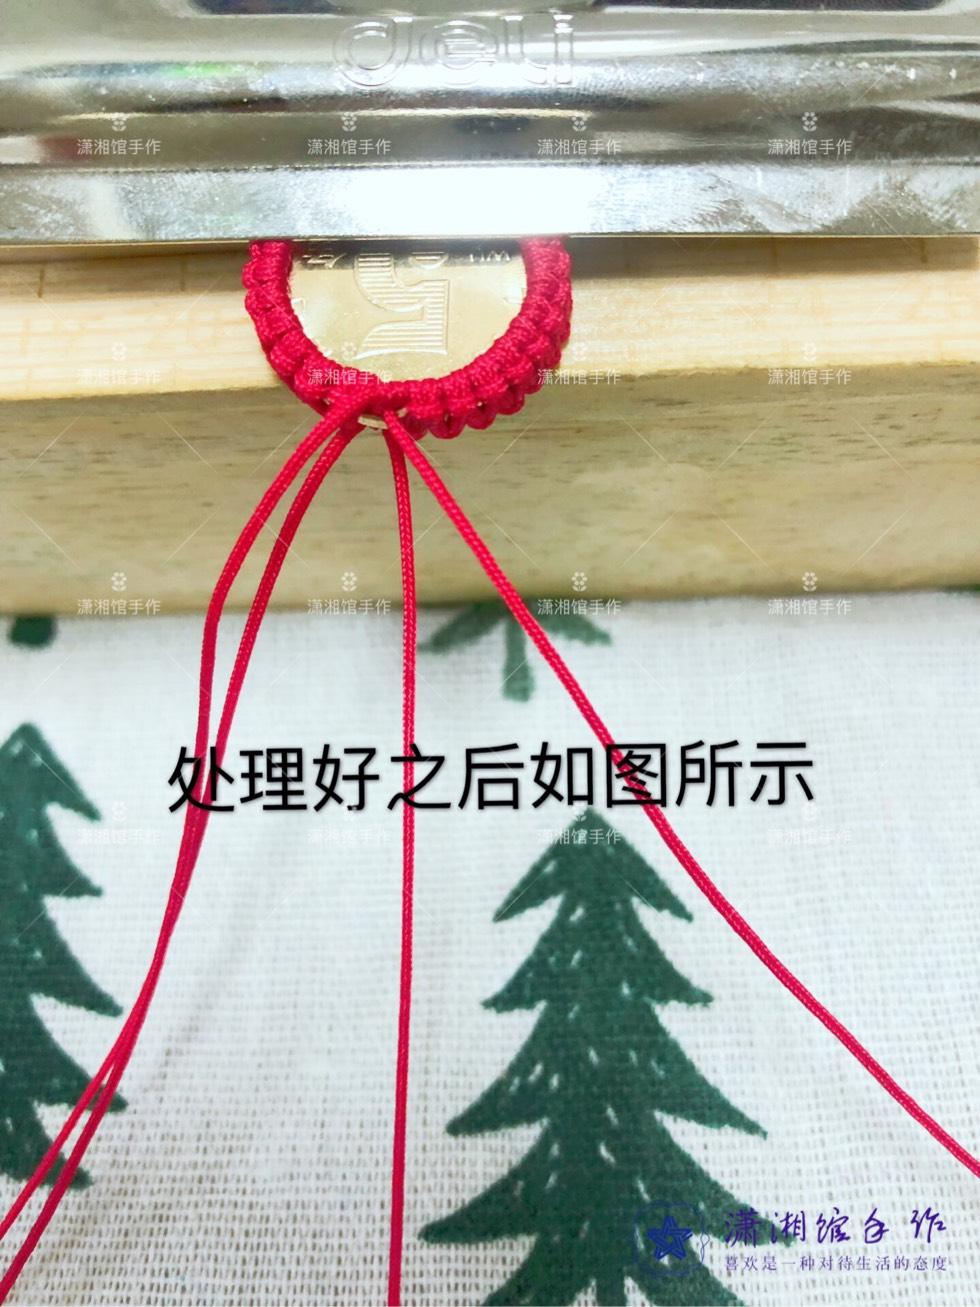 中国结论坛 硬币挂件天使翅膀钥匙扣教程  图文教程区 170048xgw33vz3fvekk3v3